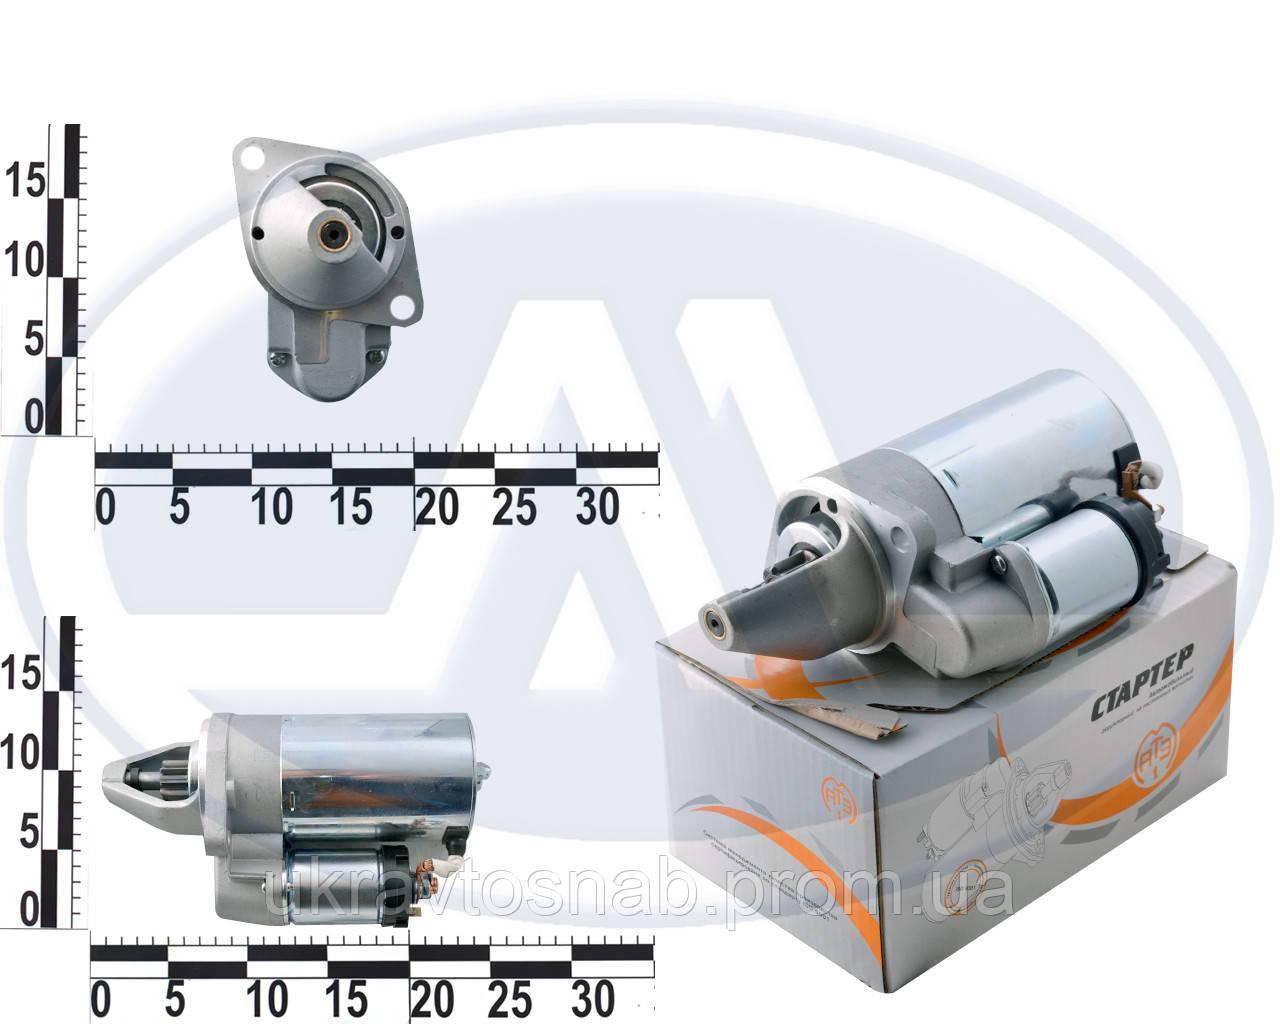 Стартер ВАЗ 2110-12, 2170-72, 1117-19 під 2 шпильки редукторний 9 зуб.